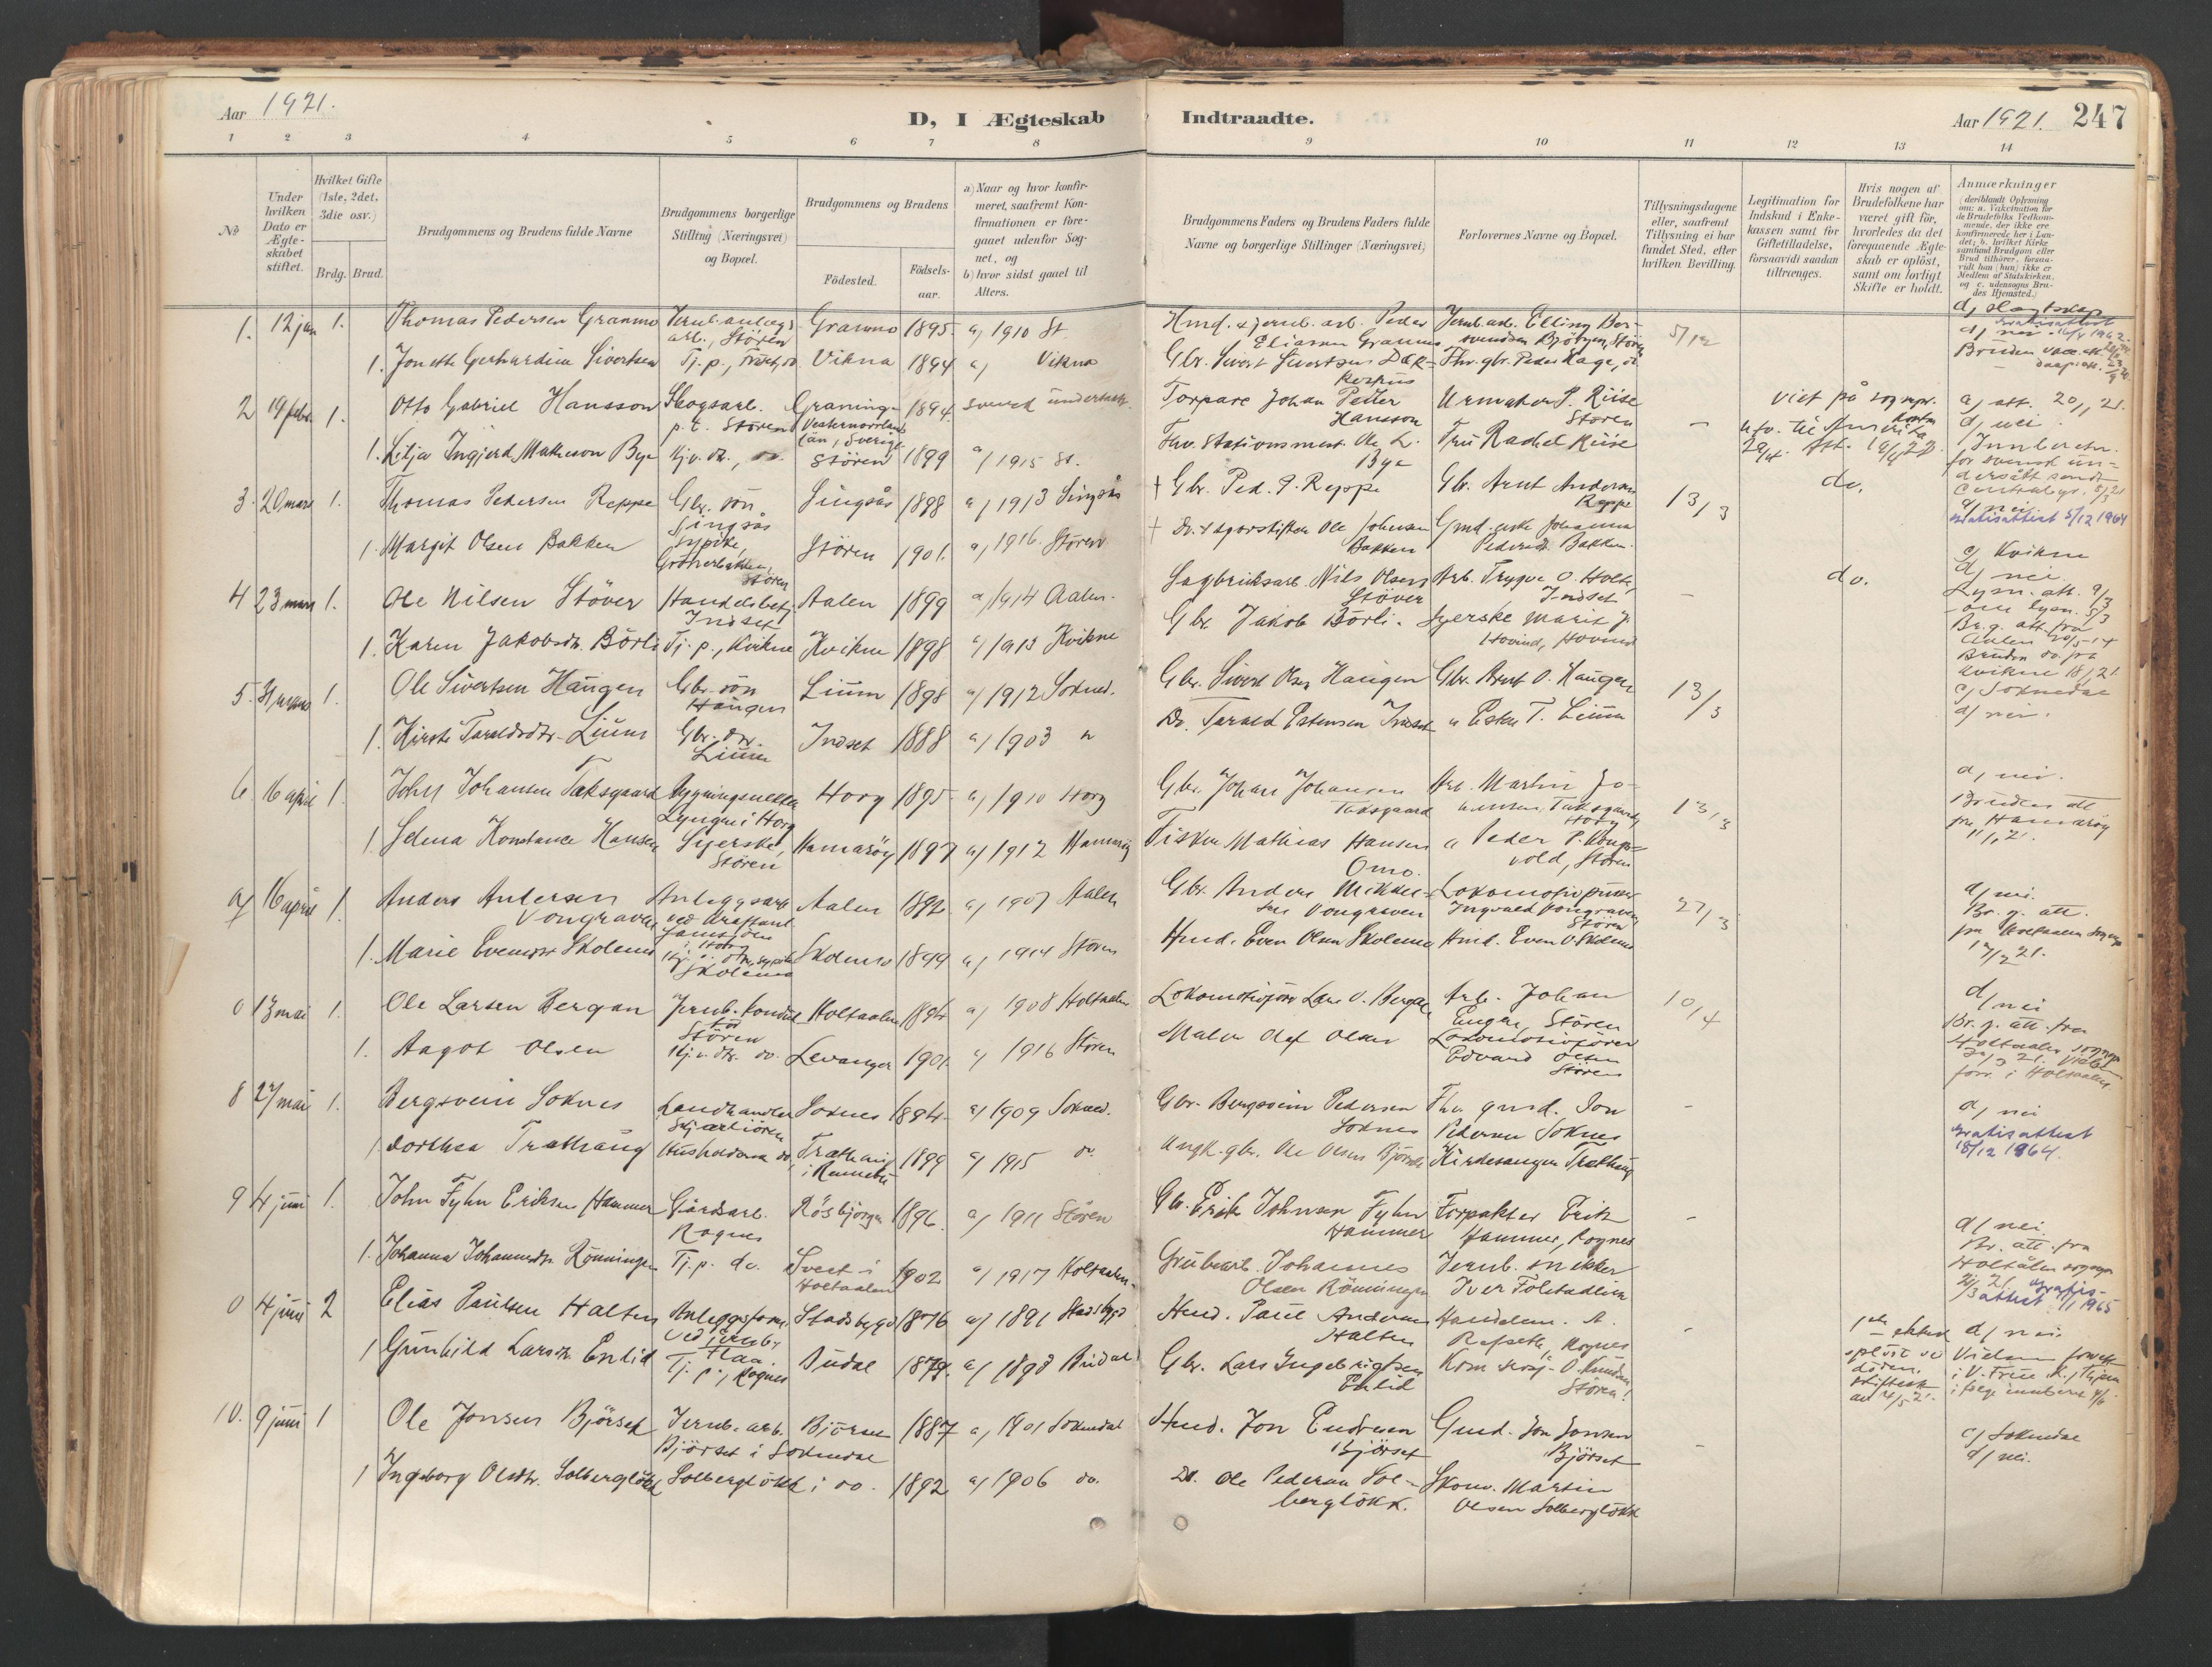 SAT, Ministerialprotokoller, klokkerbøker og fødselsregistre - Sør-Trøndelag, 687/L1004: Ministerialbok nr. 687A10, 1891-1923, s. 247